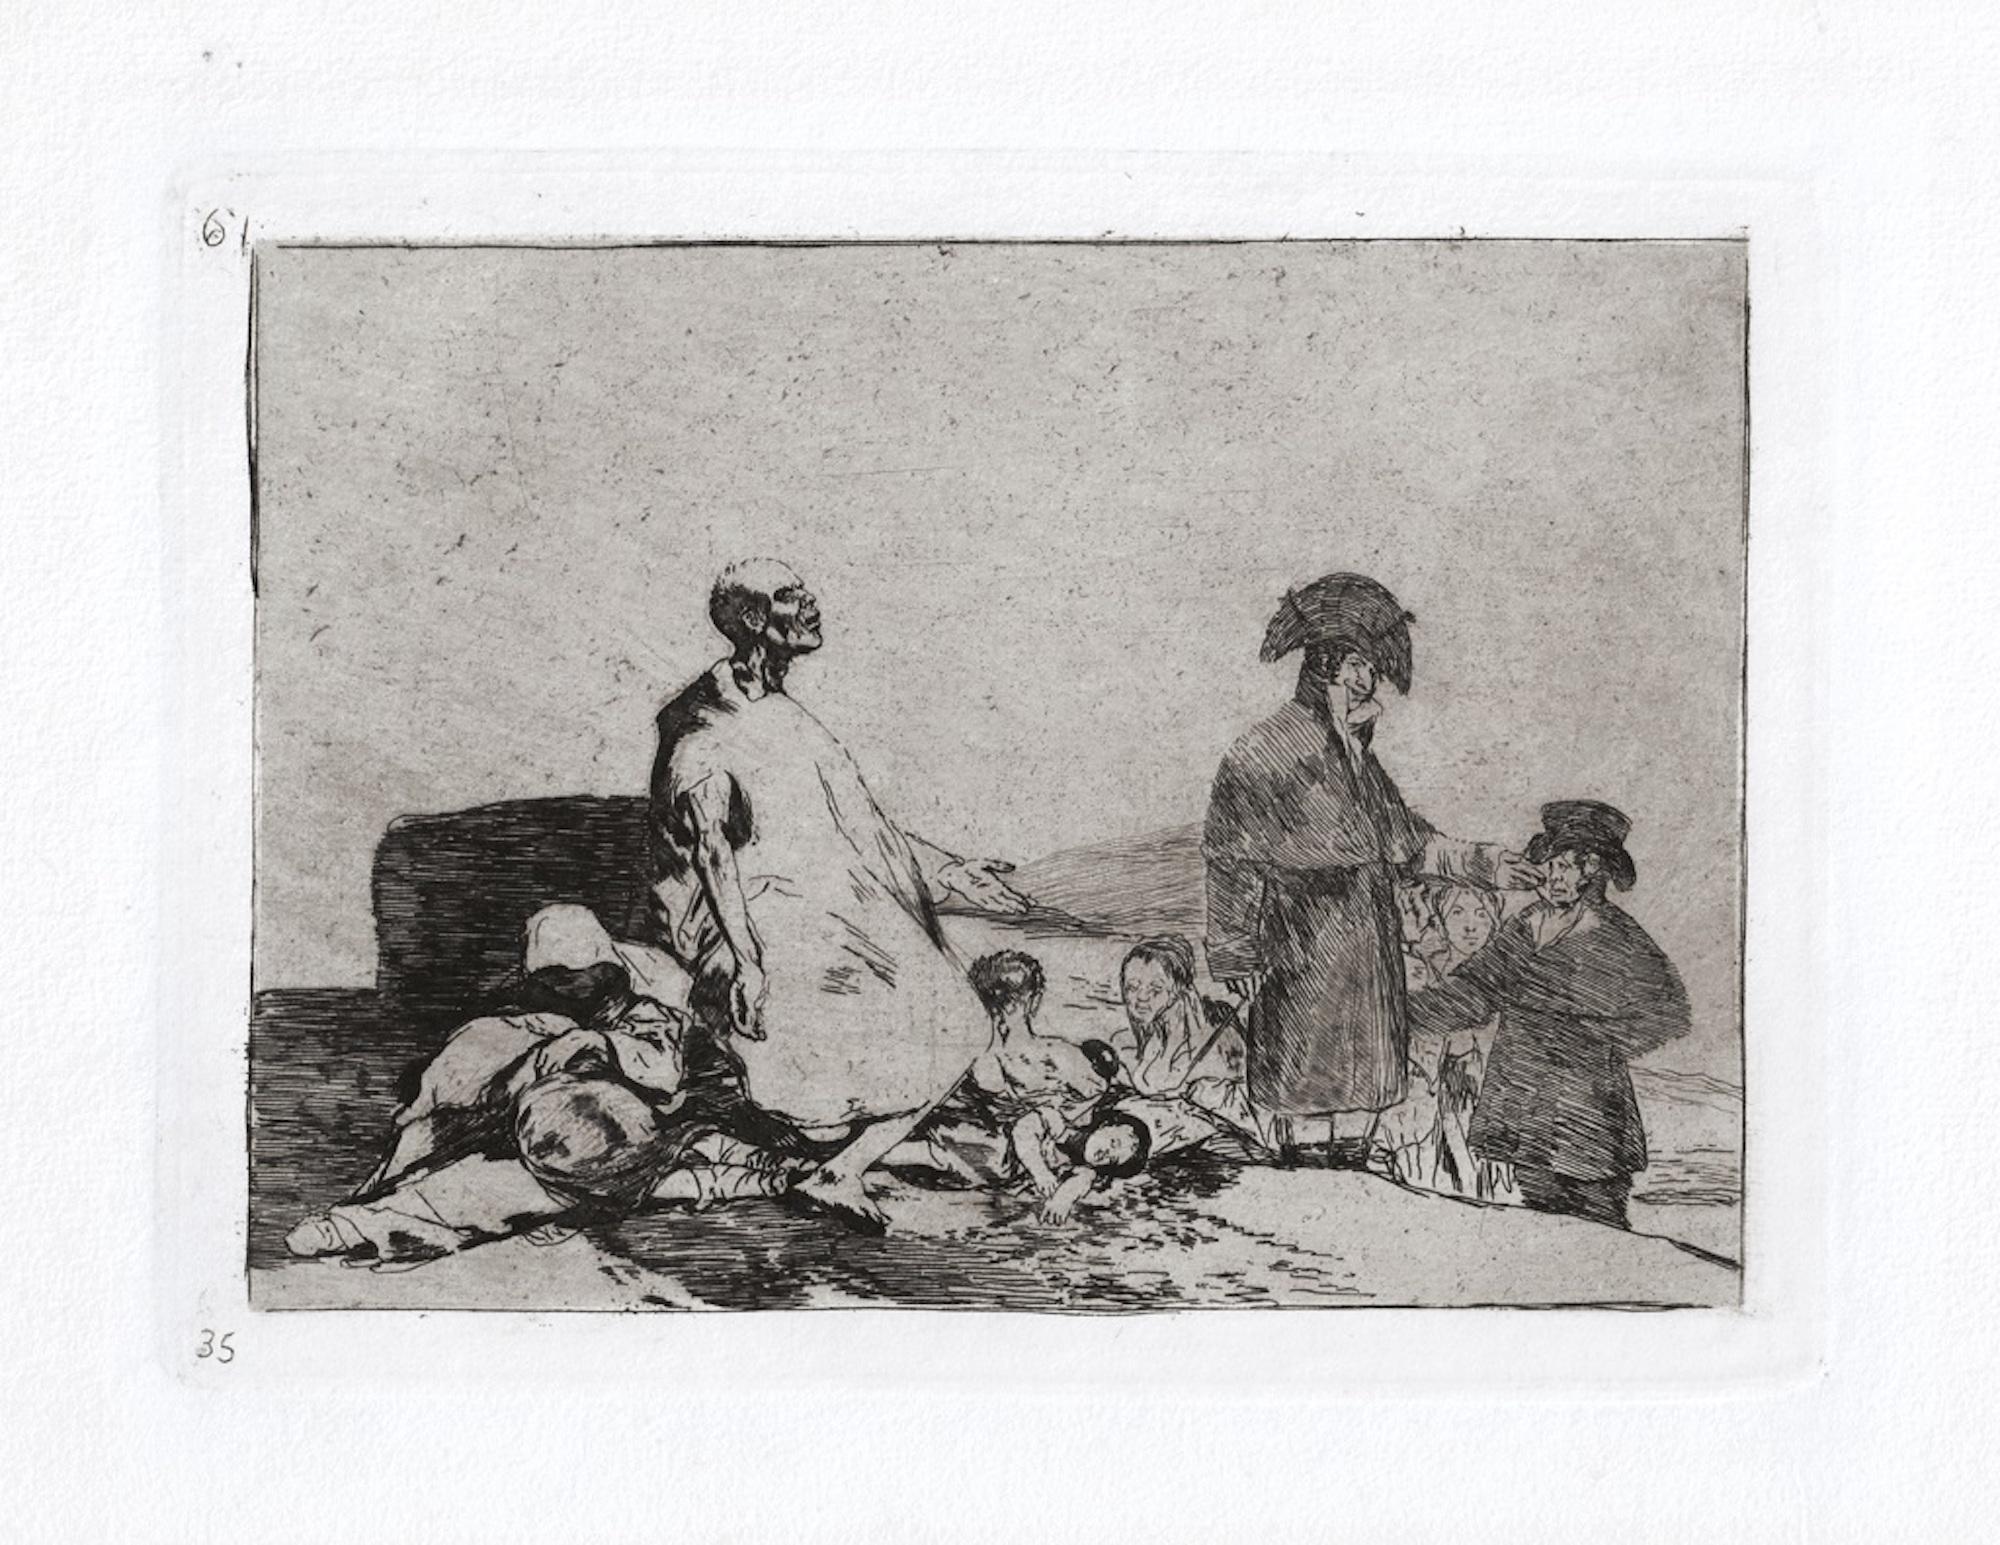 Si Son de Otro Linage   - Original Etching by Francisco Goya - 1863